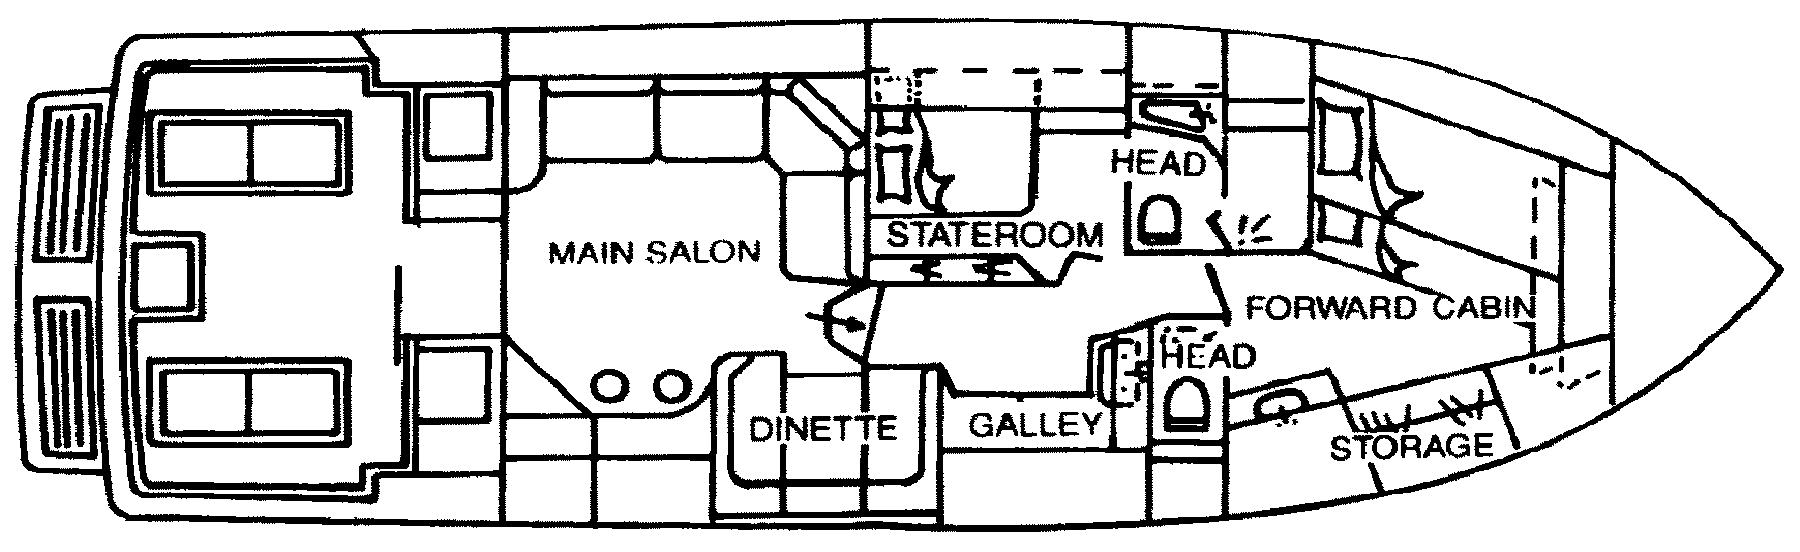 460 Sport Fisherman Floor Plan 1